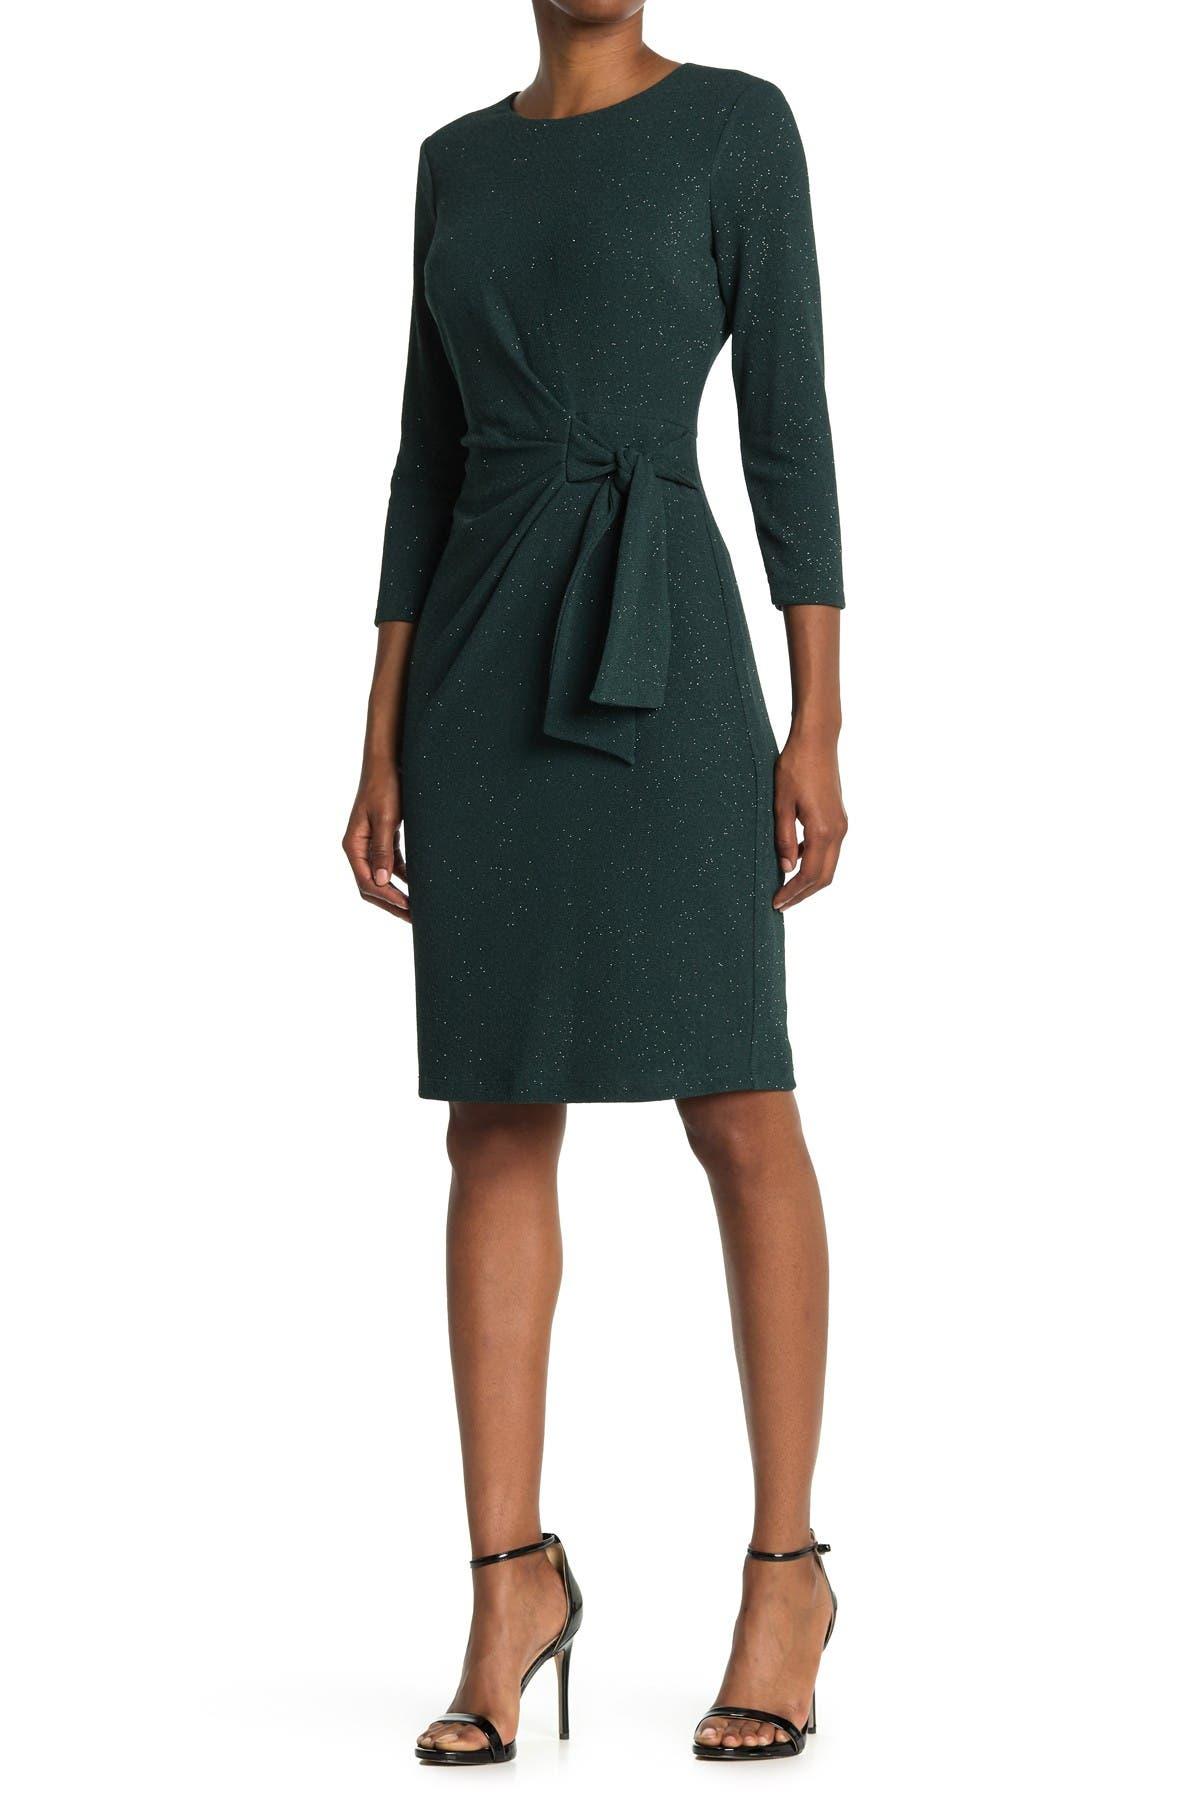 Image of London Times Glitter Knit Side Tie Sheath Dress